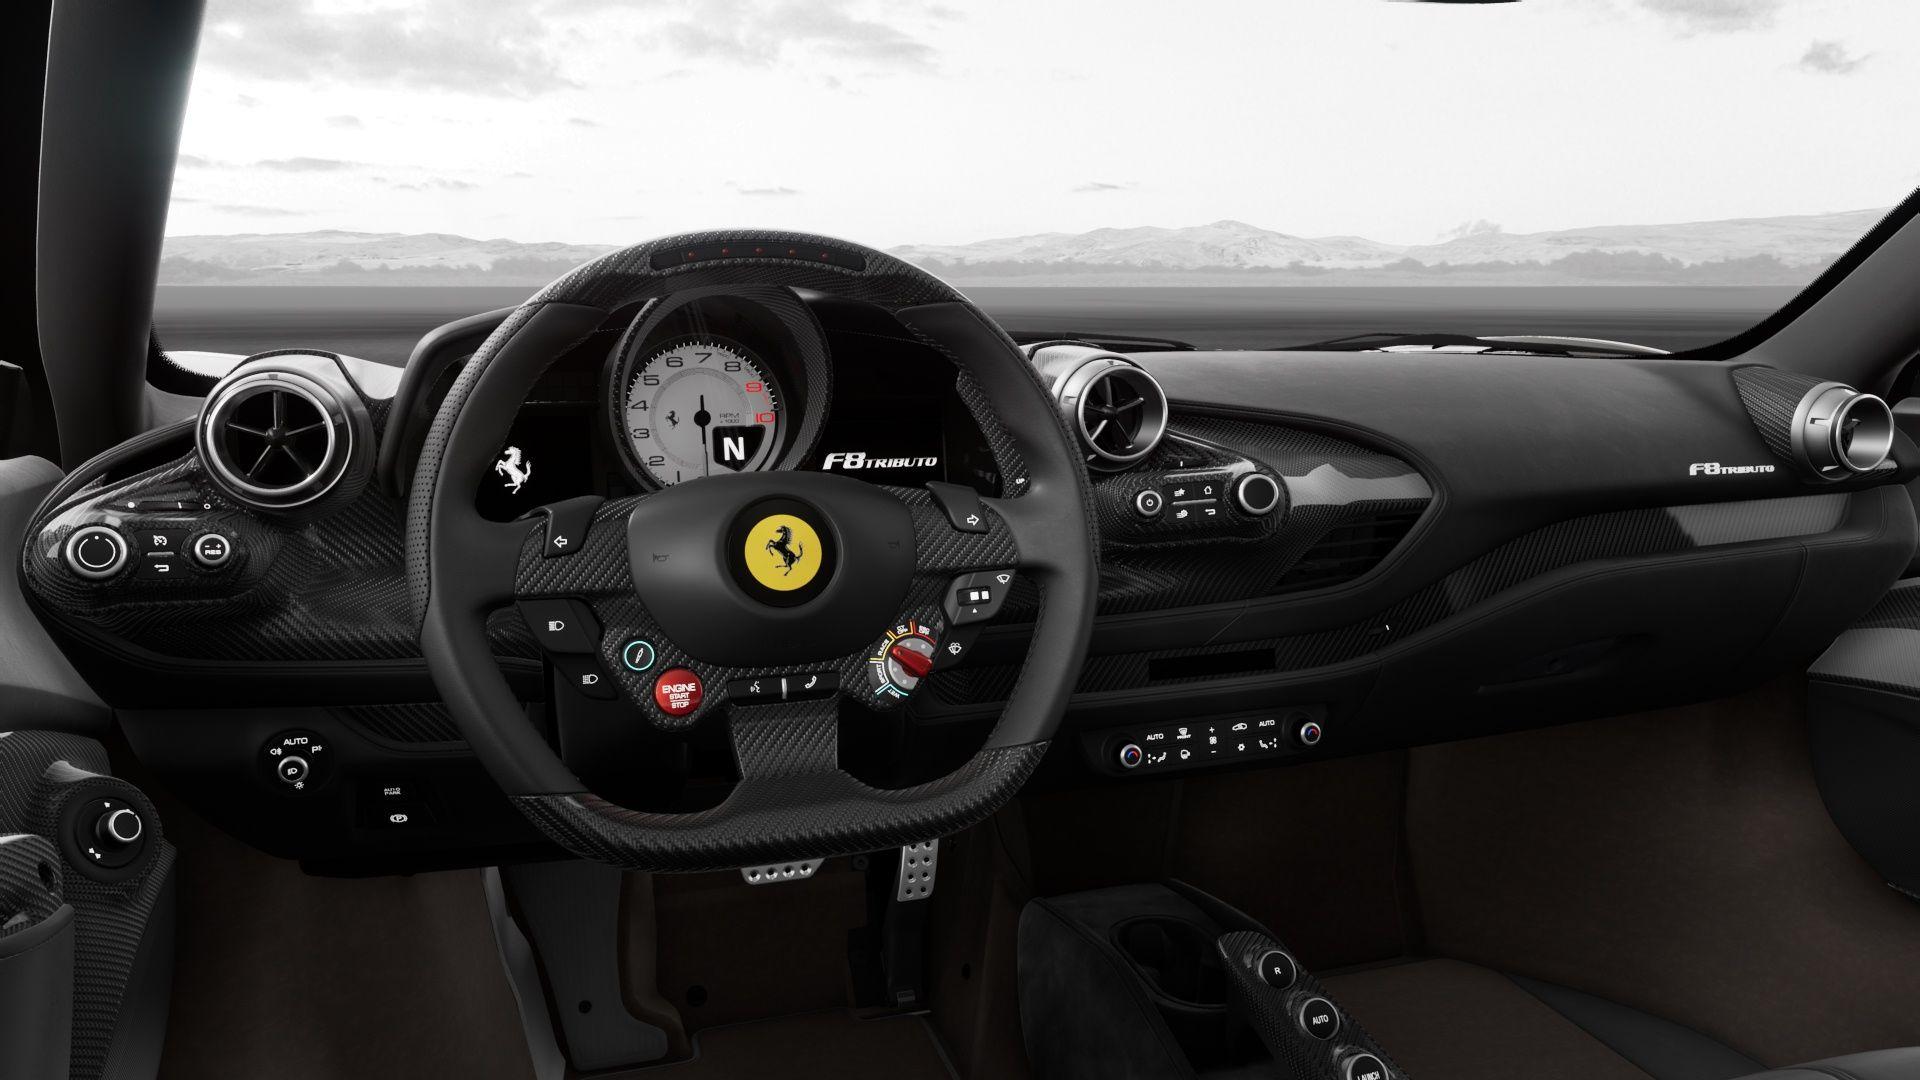 Pin By Kostas Kouk On Ferrari In 2020 Ferrari Ferrari Car Car